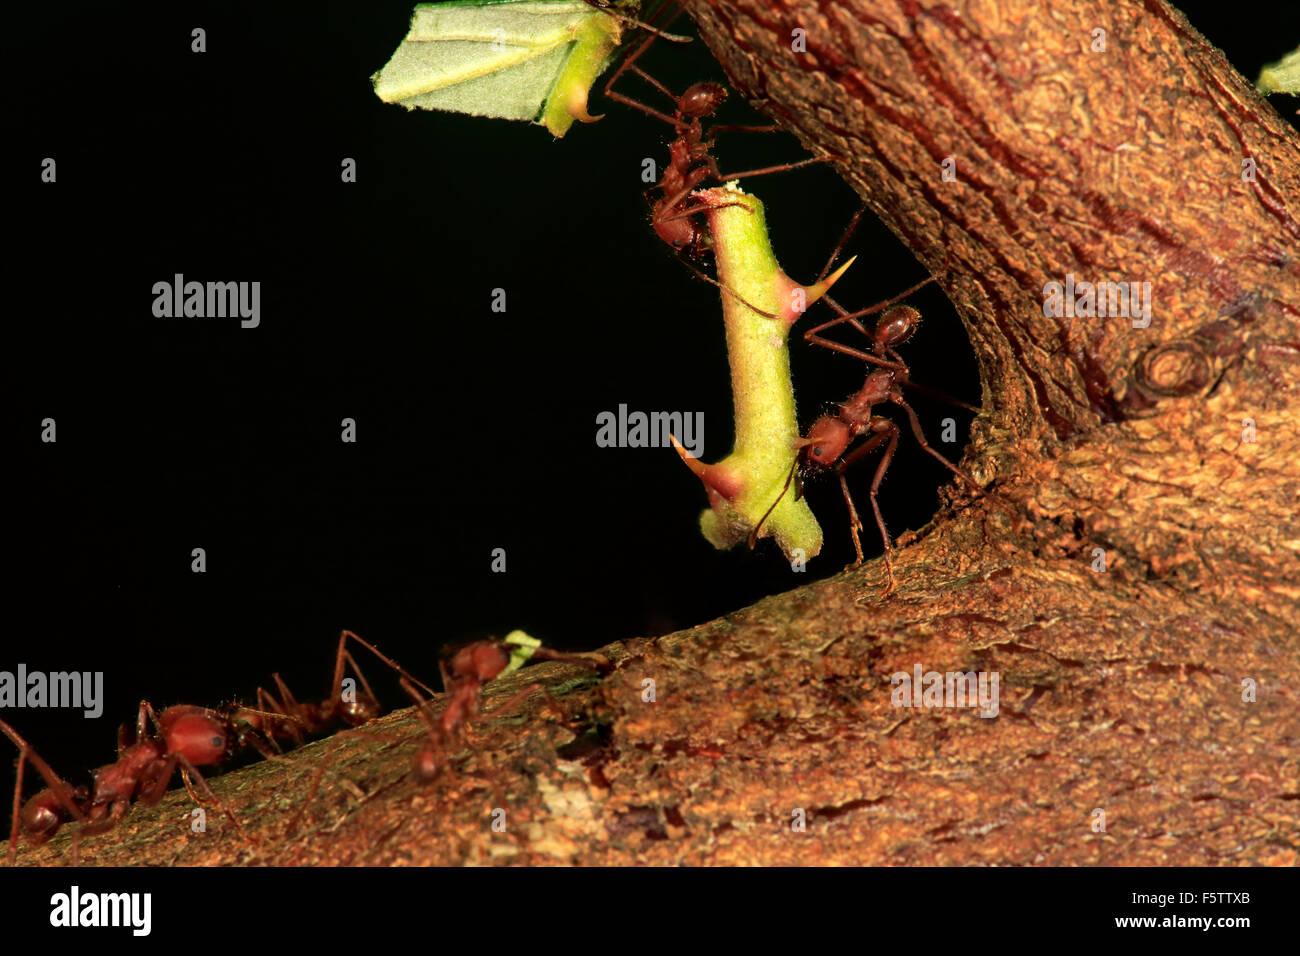 Les fourmis Atta sexdens (osmia lignaria) transportant des tiges épineuses, trouvés en Amérique centrale Photo Stock